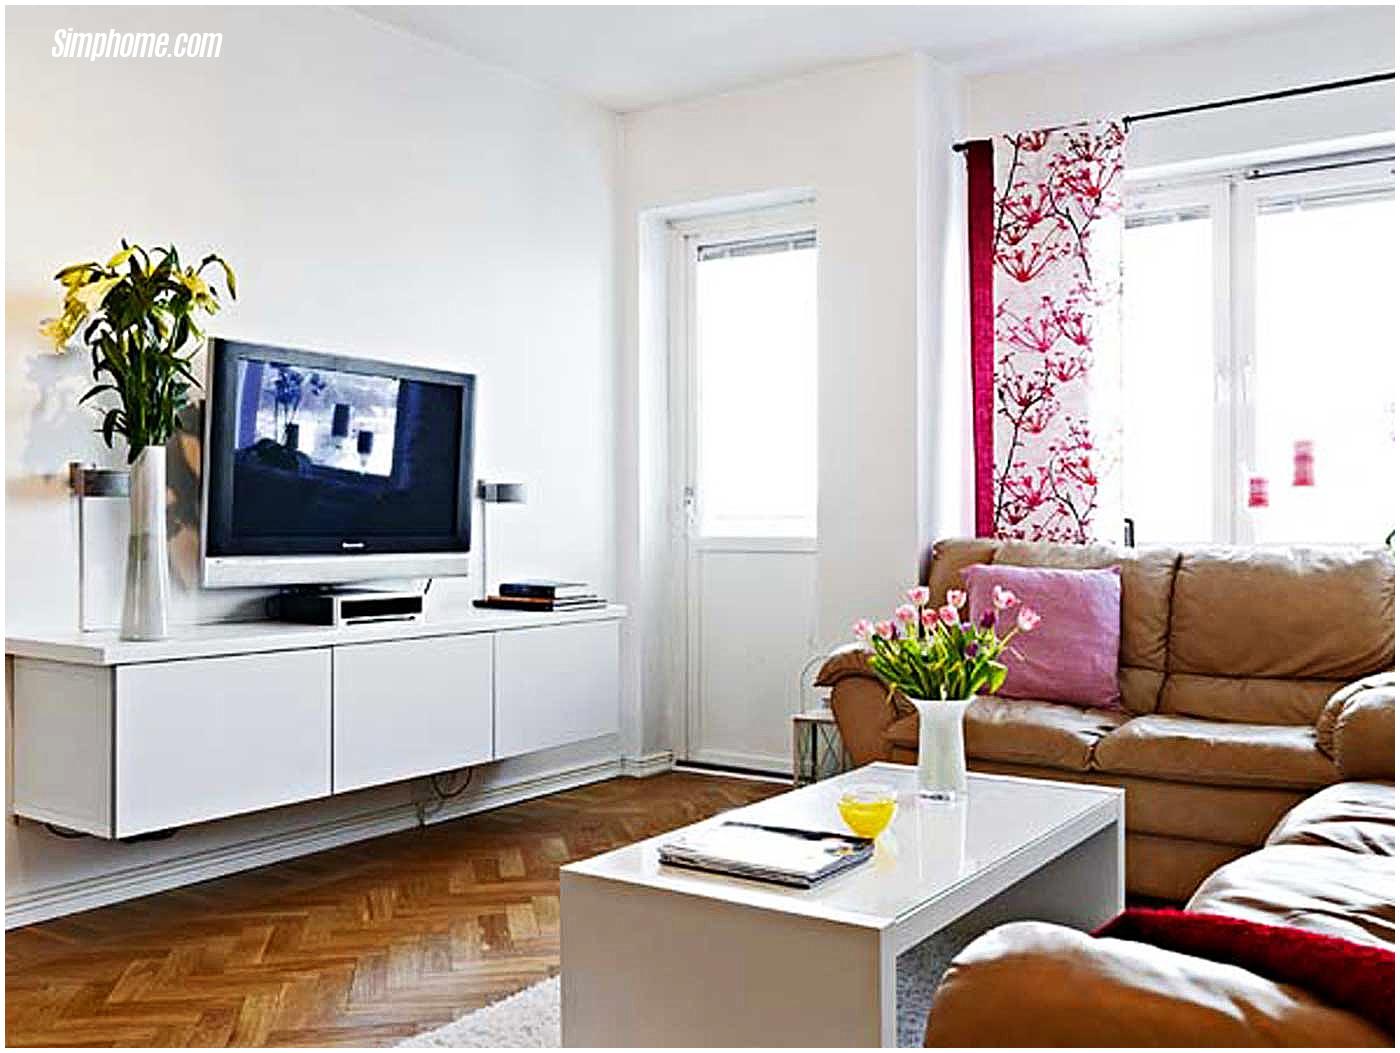 small room design living room furniture for small spaces via Simphome.com